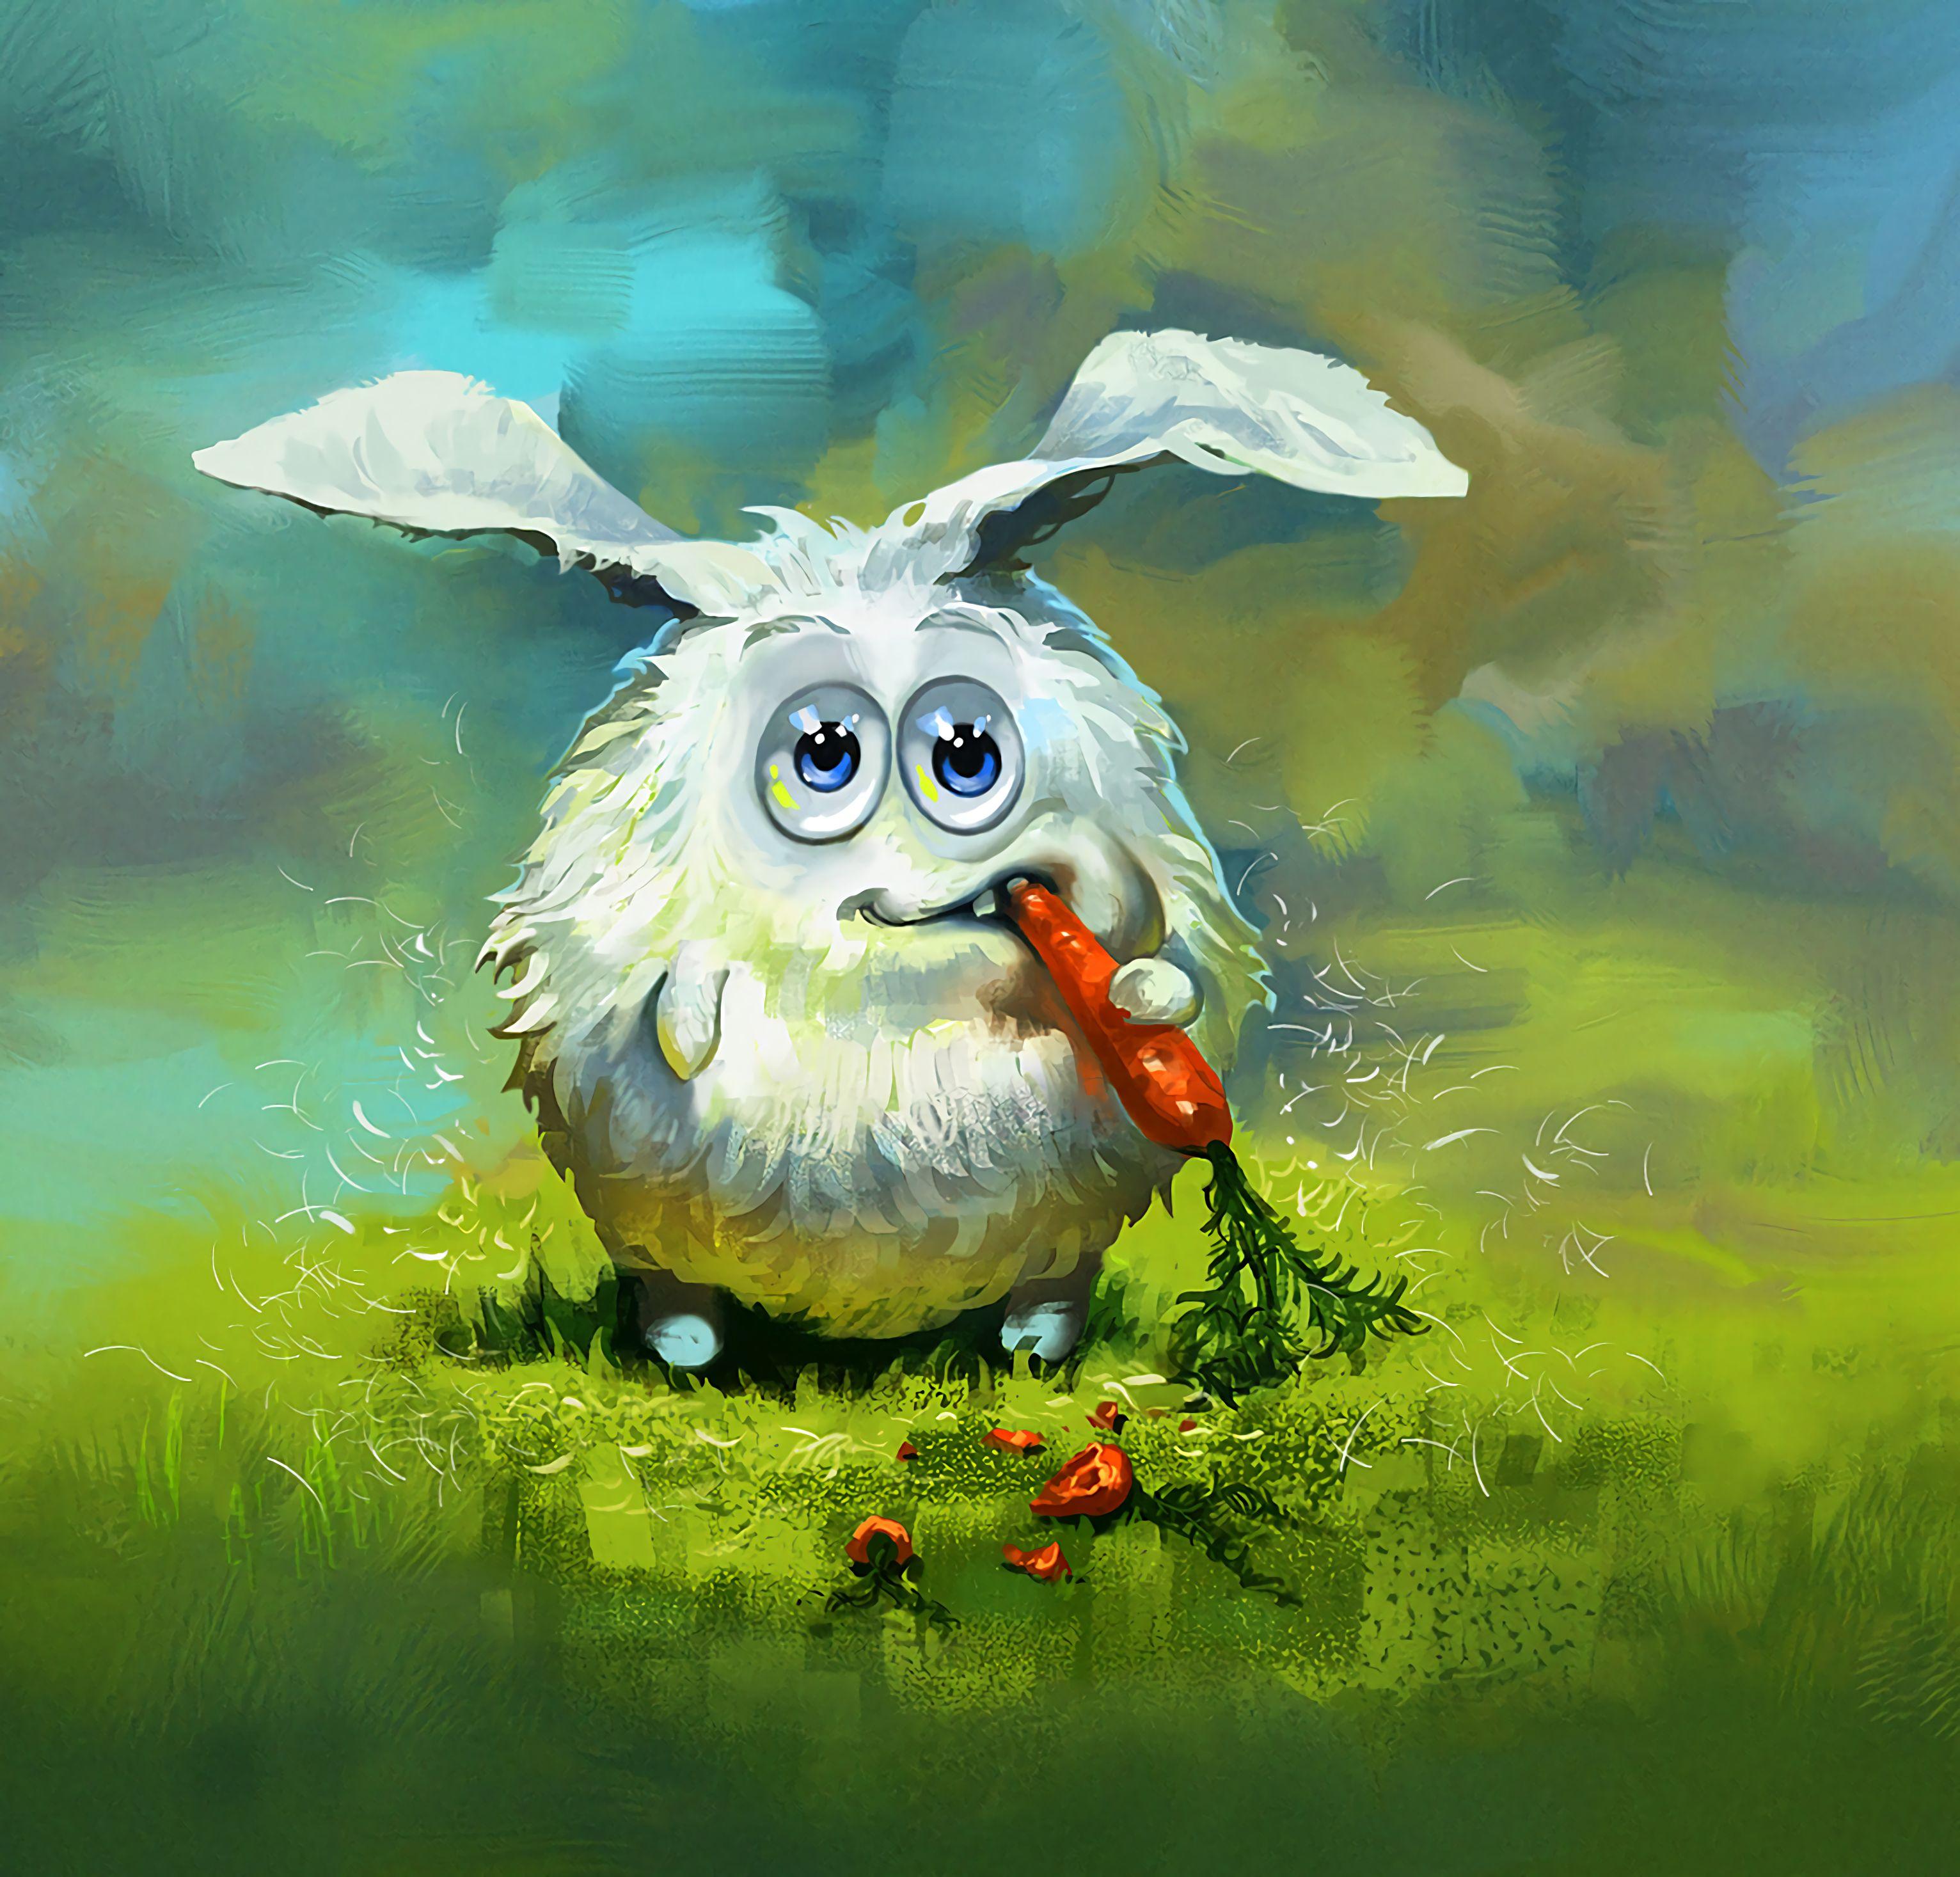 92175 Hintergrundbild herunterladen Kunst, Kaninchen, Cool, Hase, Karotte - Bildschirmschoner und Bilder kostenlos